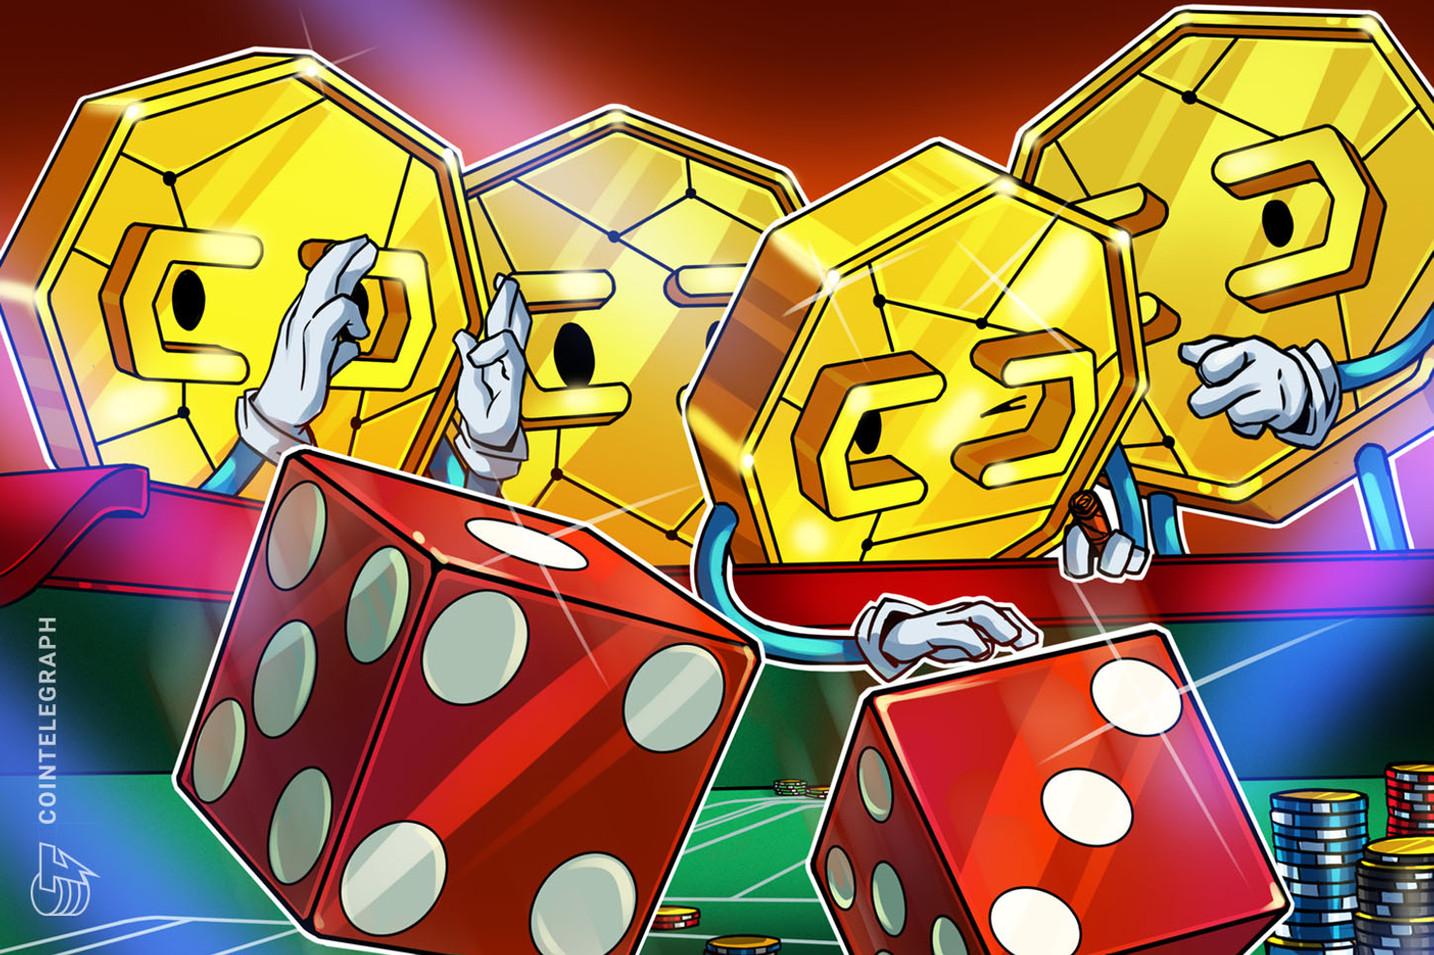 XRP(リップル)やネオなど2020年に買い検討の仮想通貨4つ、著名テクニカルアナリストが発表【ニュース】